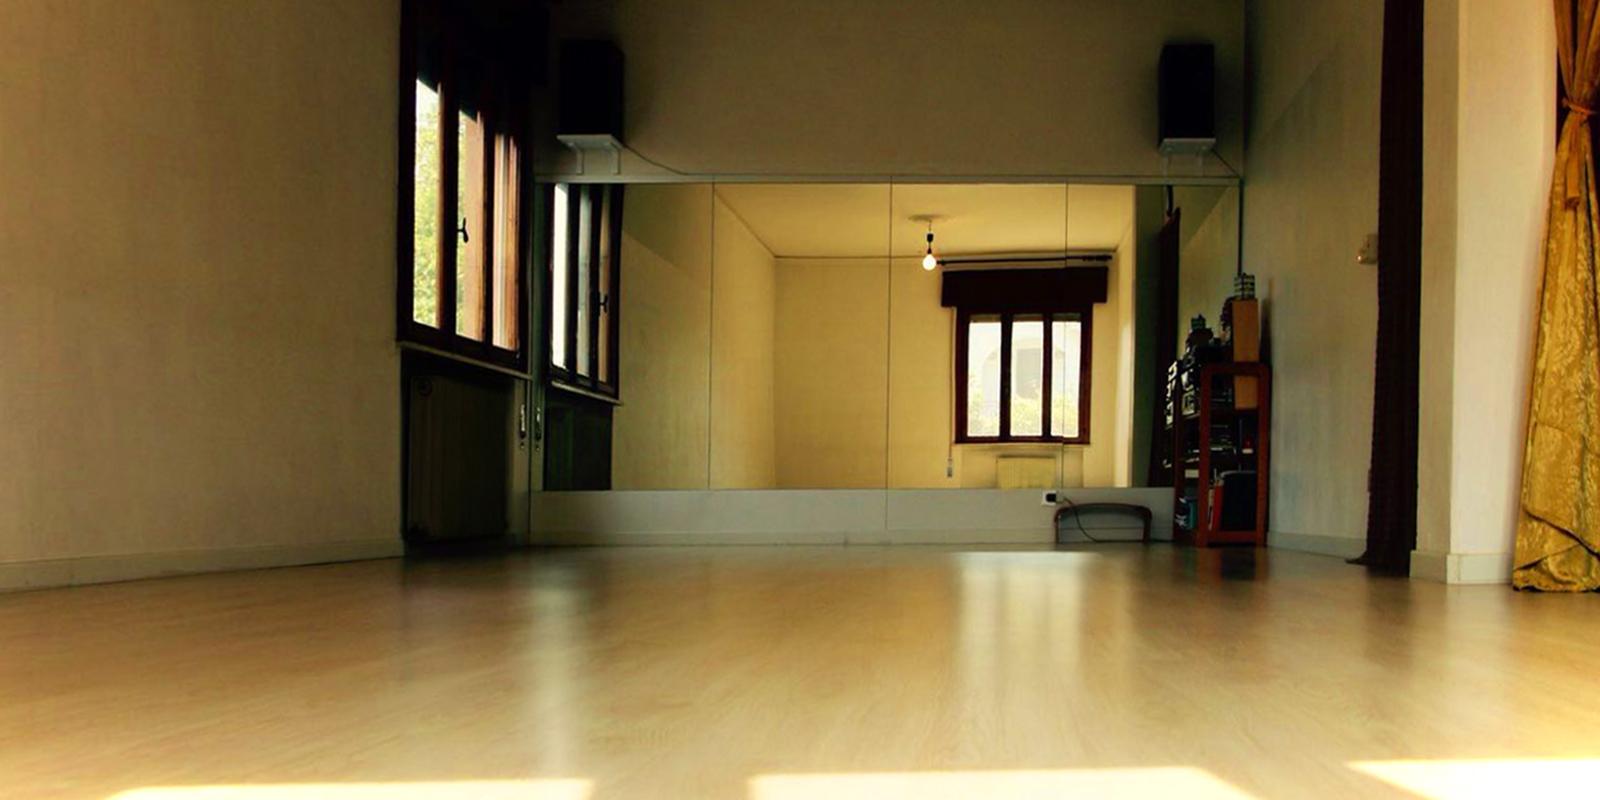 sala danza mudra